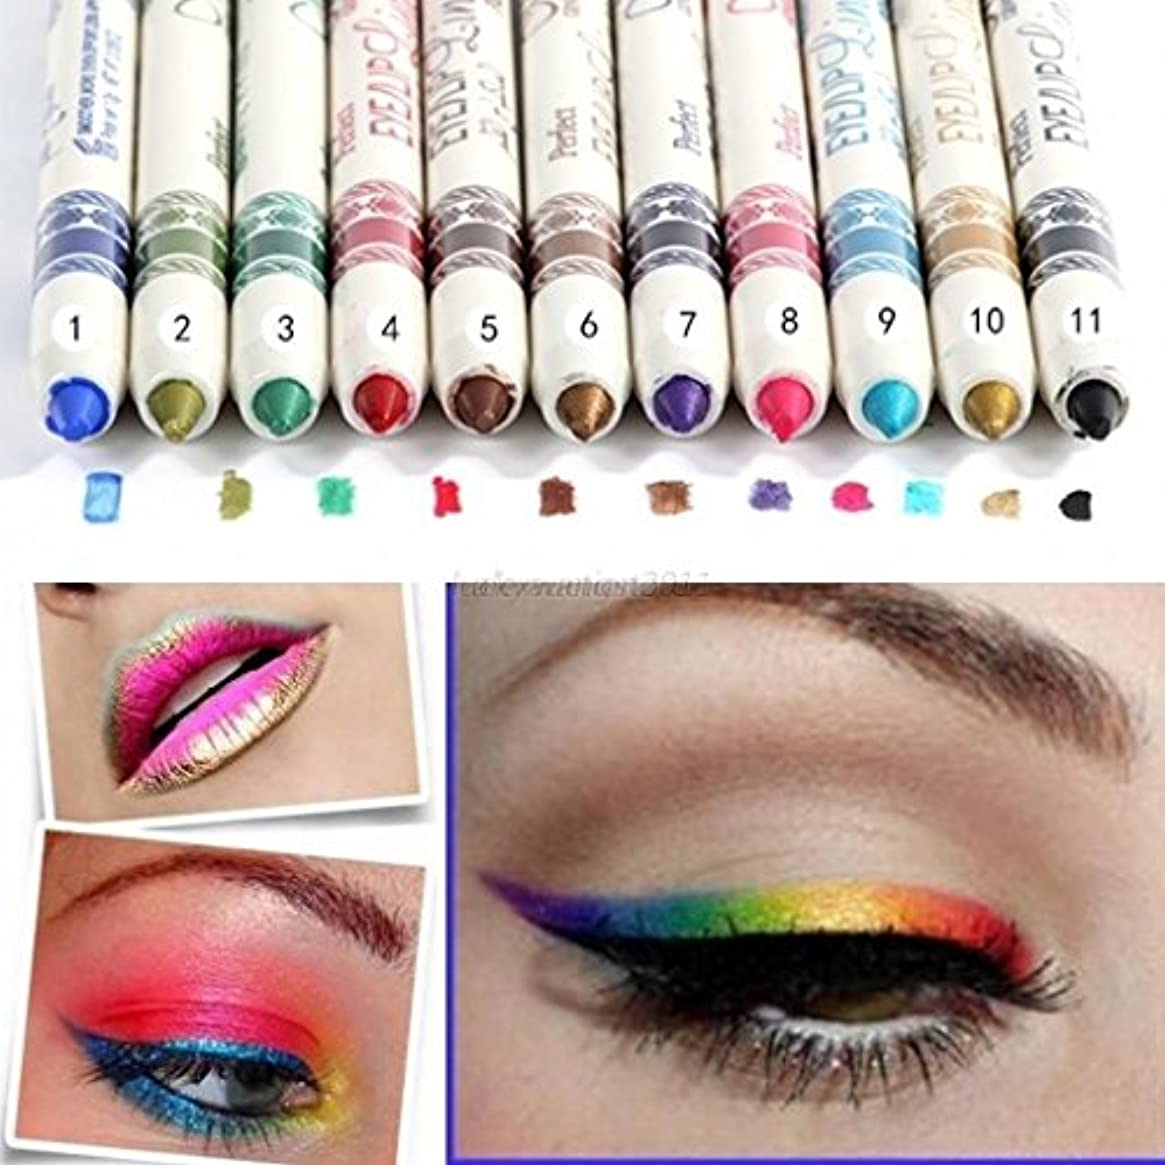 Doitsa 防水 アイライナー 化粧美容用 アイブロウペンシル かわいい リップライナー 鉛筆 12カラー 12本セット